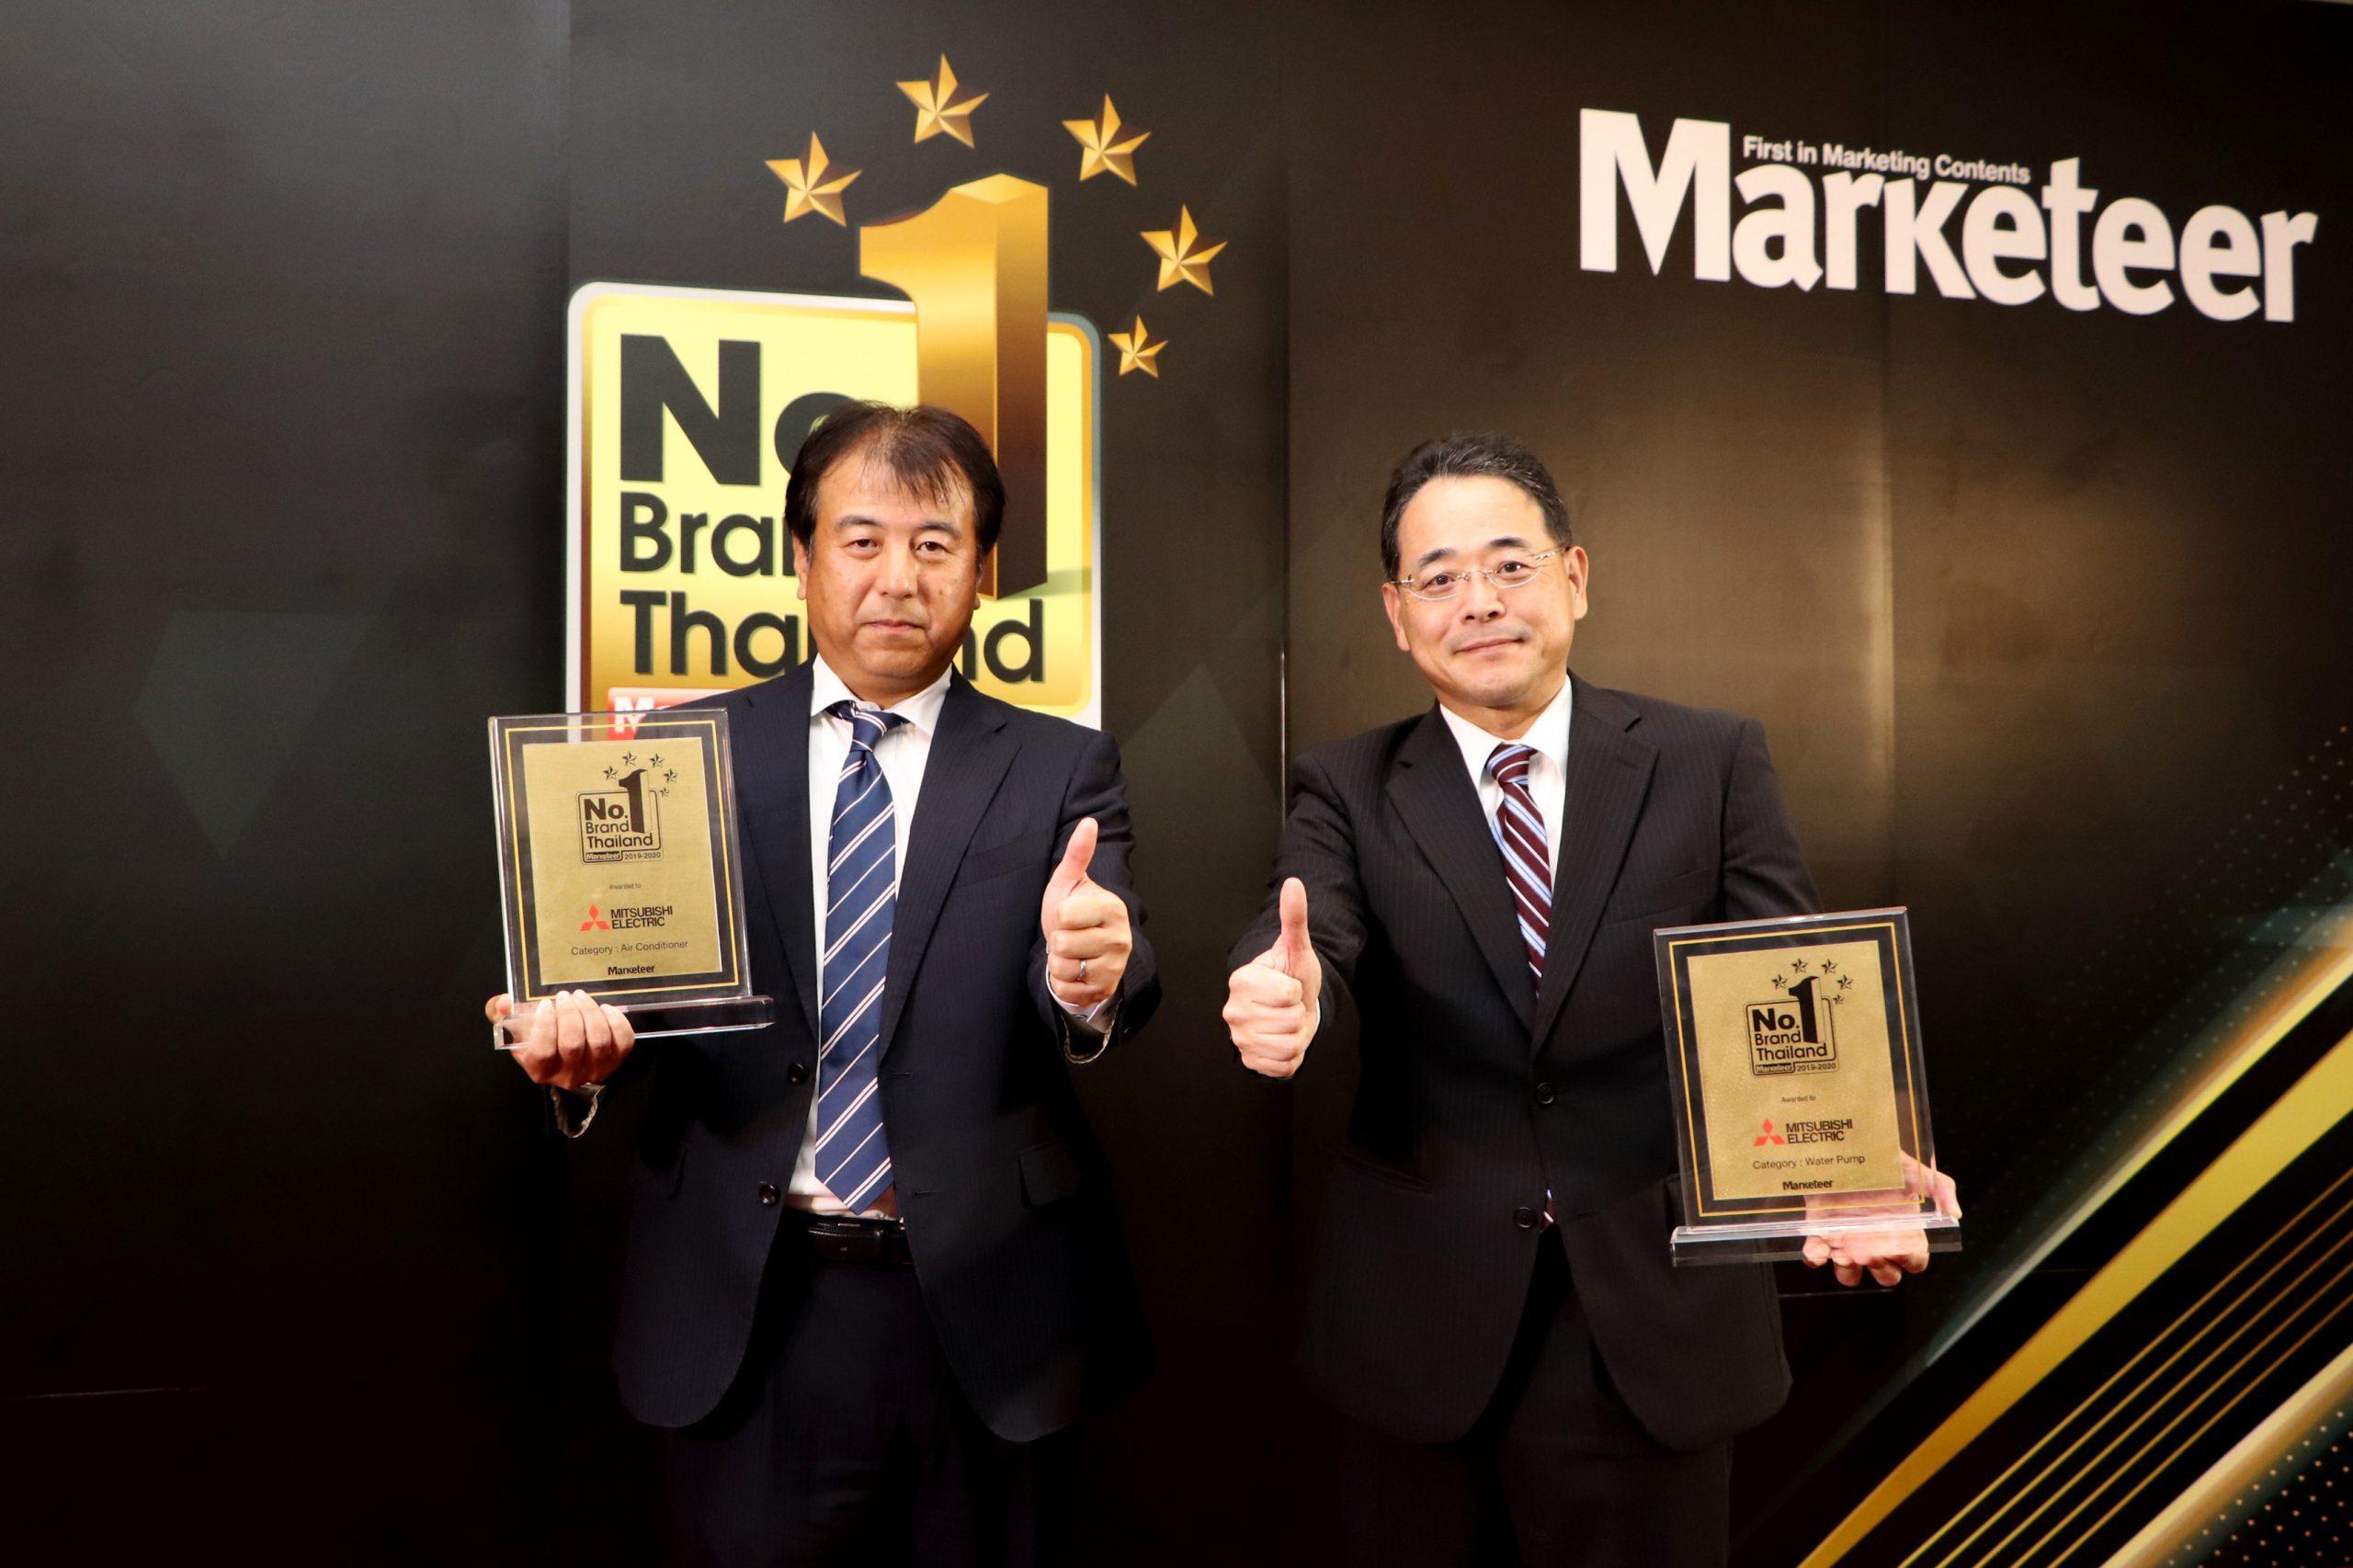 """มิตซูบิชิ อีเล็คทริค ตอกย้ำความเป็นผู้นำ คว้ารางวัลแบรนด์ยอดนิยมอันดับ 1 ของประเทศไทย """"MARKETEER No.1 Brand Thailand 2019 – 2020"""" ในหมวดผลิตภัณฑ์เครื่องปรับอากาศและปั๊มน้ำ"""